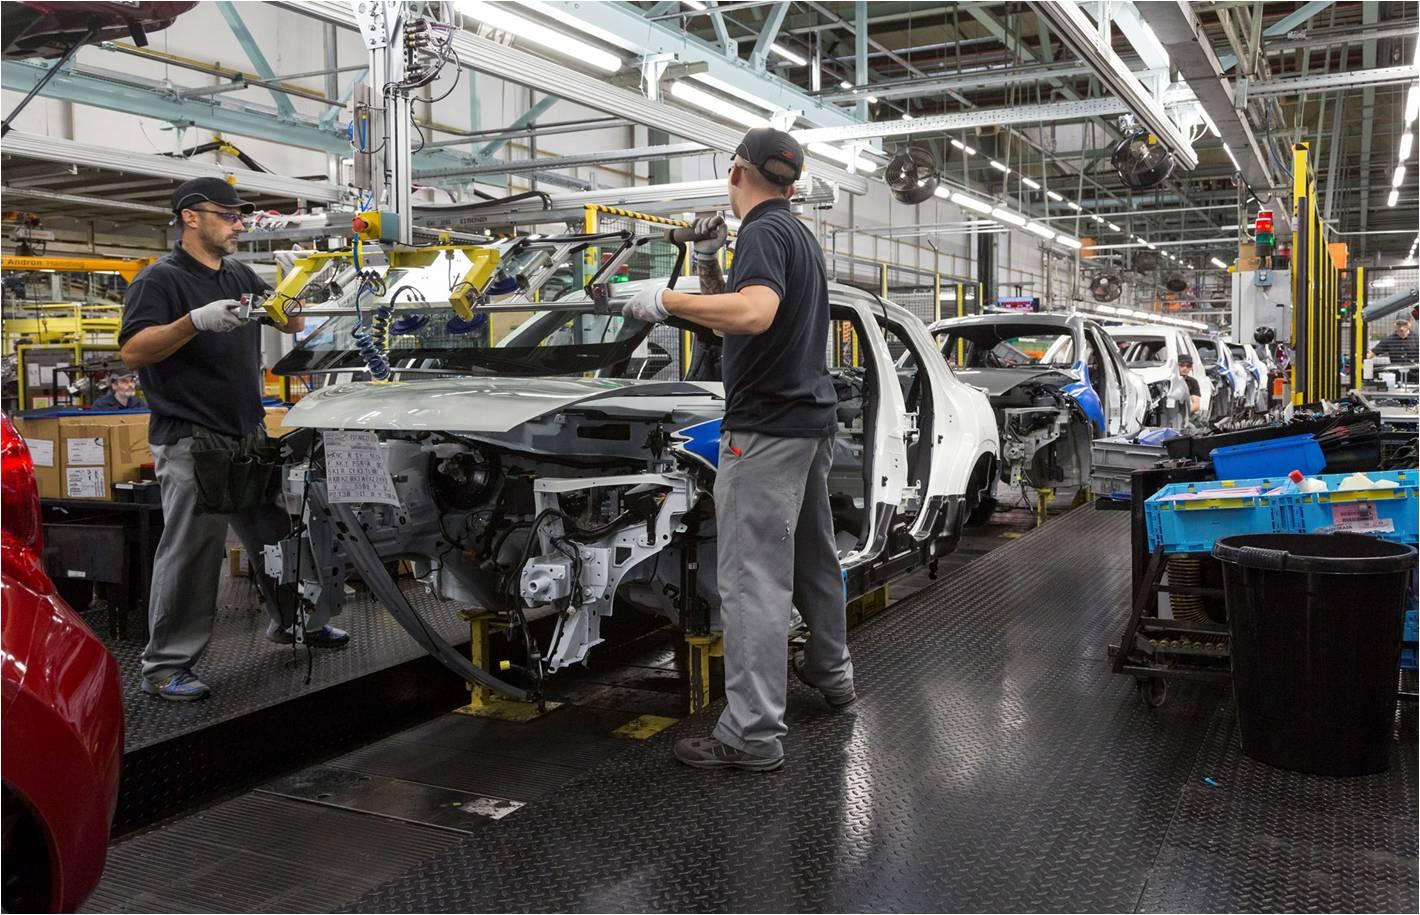 Juke manufacturing line at Nissan Sunderland